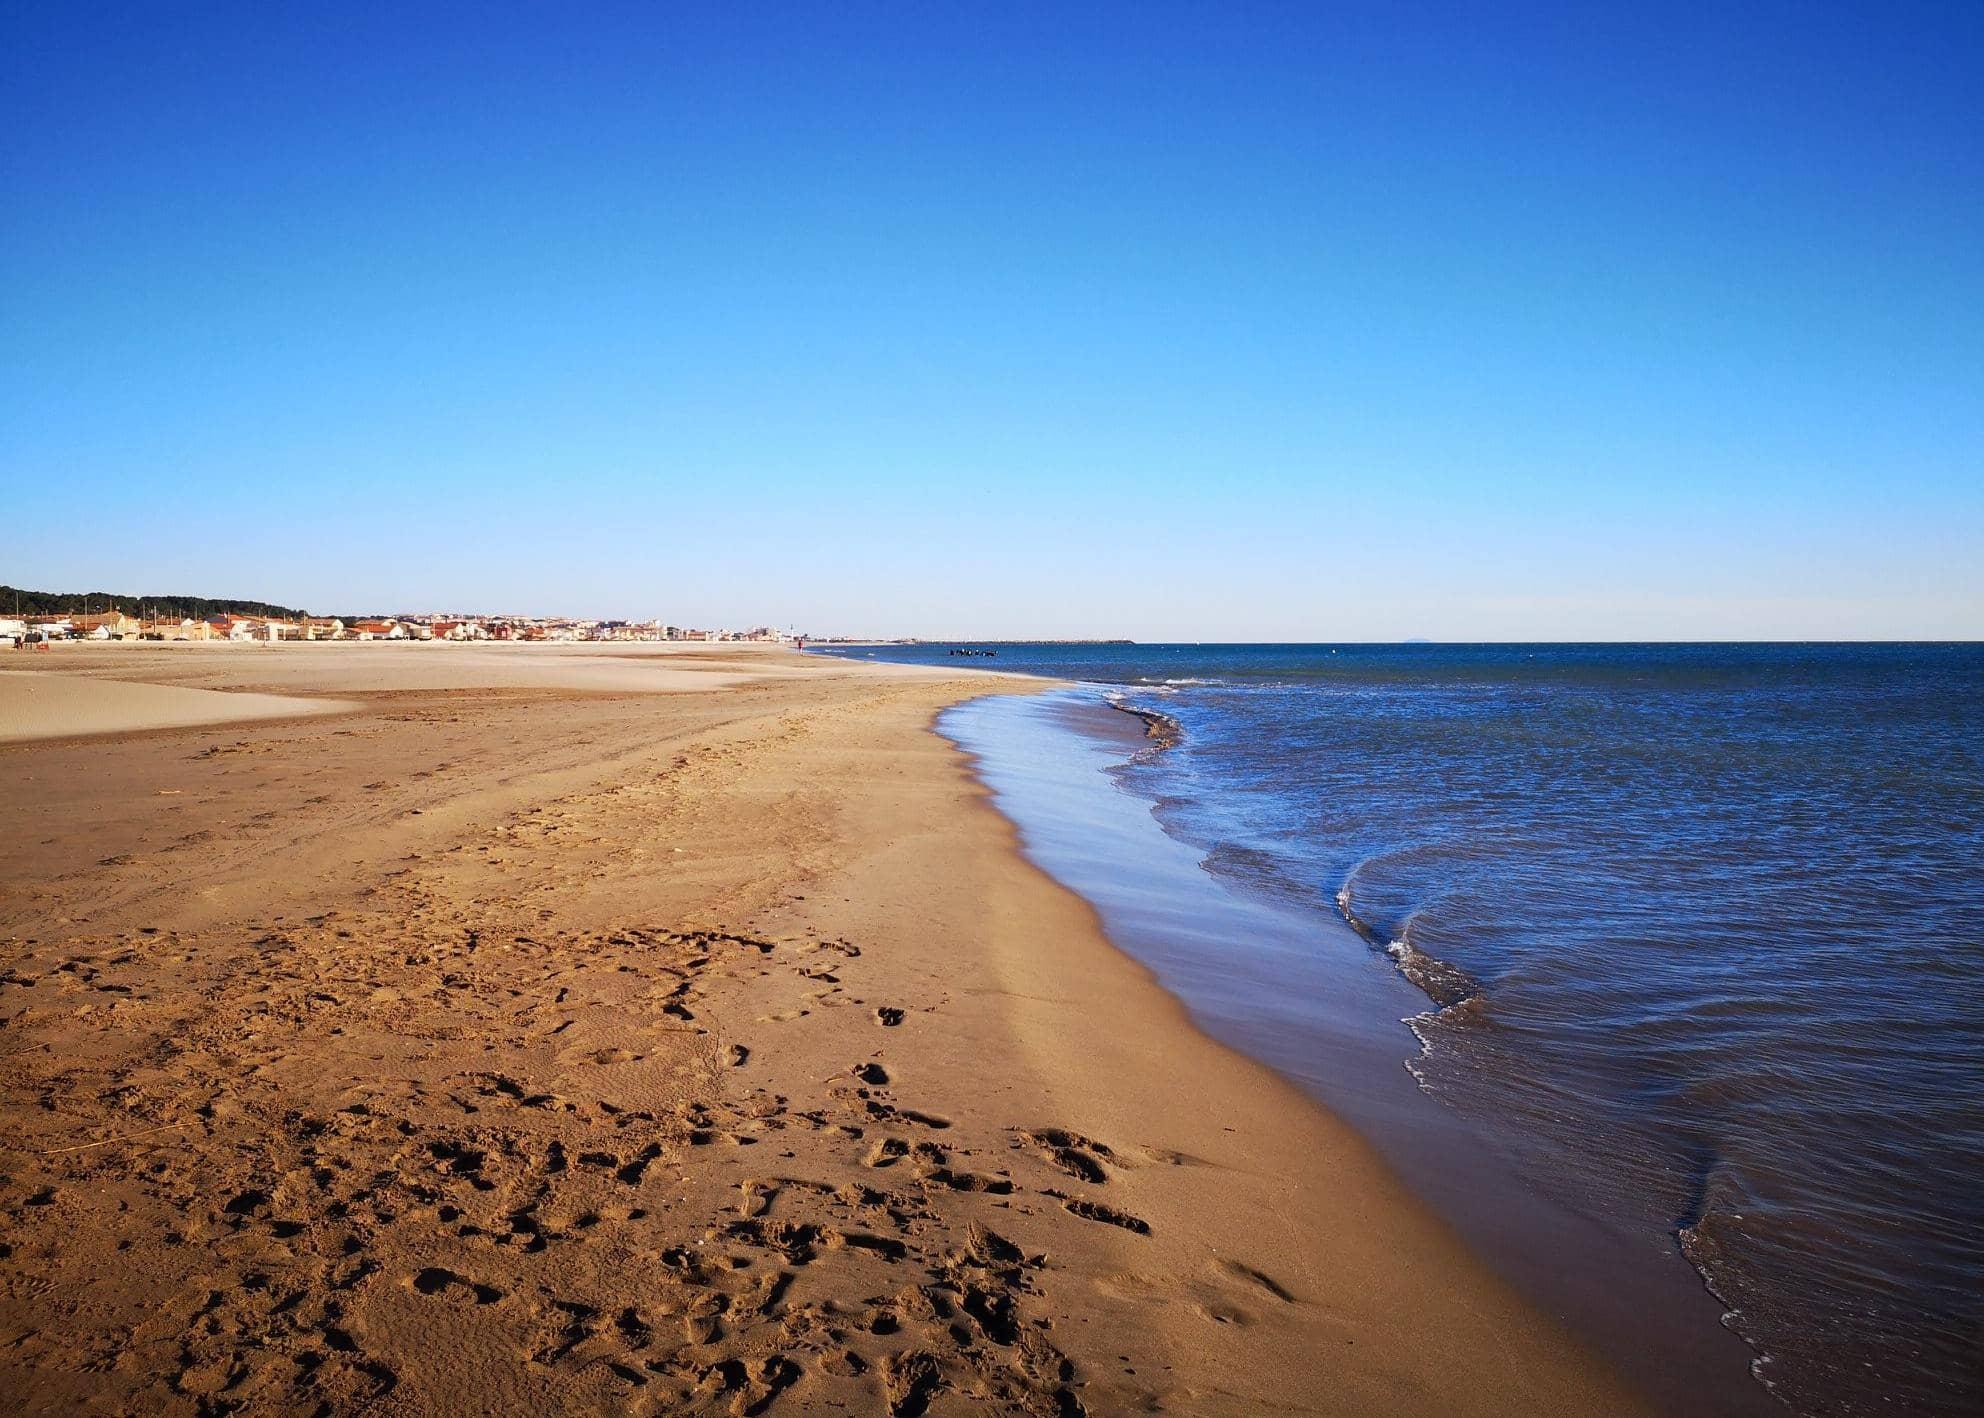 Vue de la plage de Narbonne